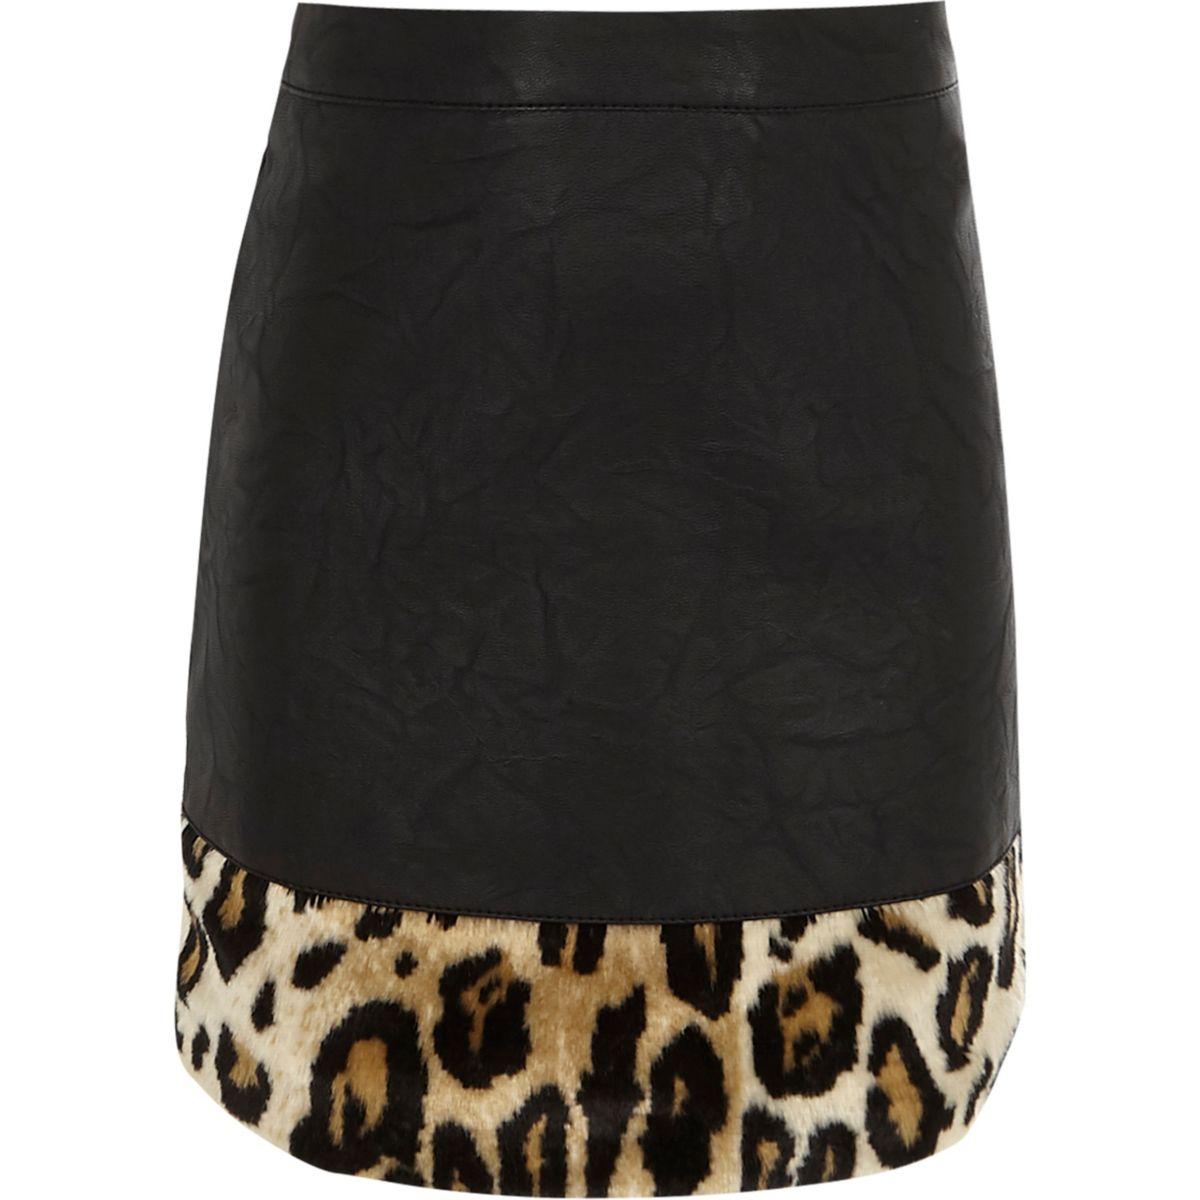 Jupe en cuir synthétique imprimé léopard noire pour fille